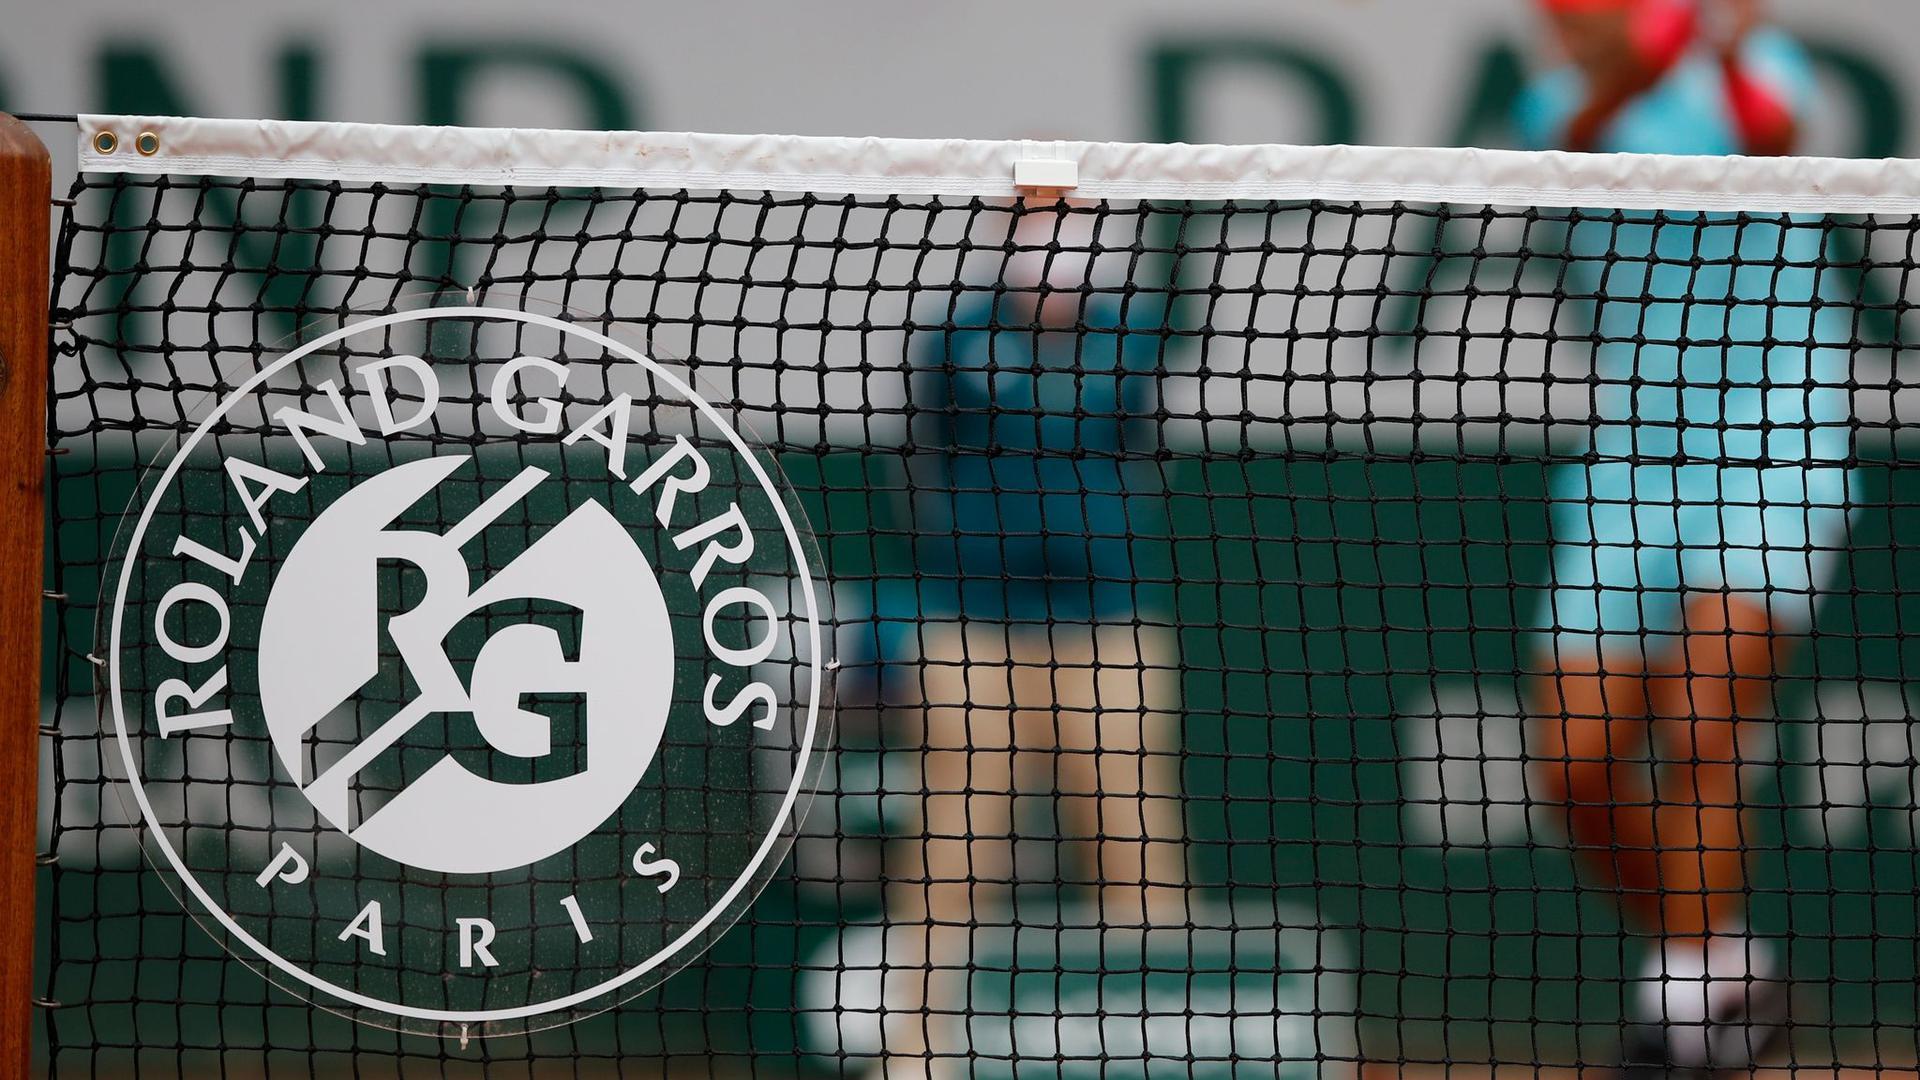 Die French Open in Paris werden um eine Woche verschoben.